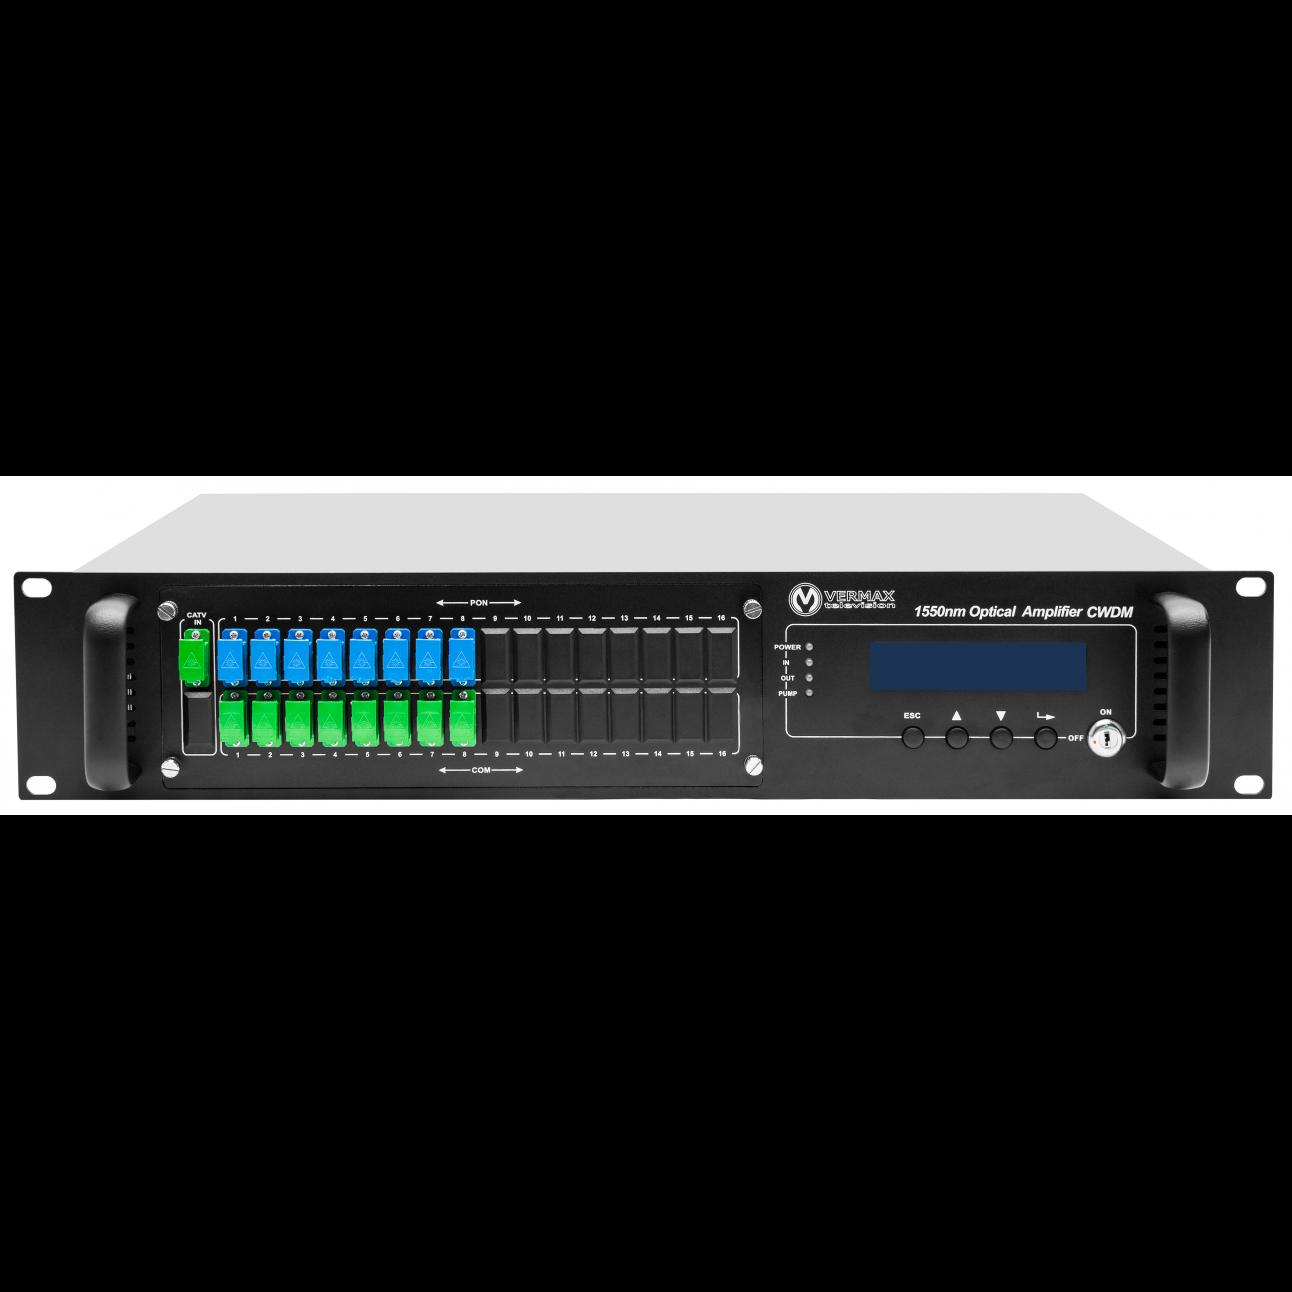 Оптический усилитель VERMAX для сетей КТВ, 8*16dBm, WDM фильтр PON